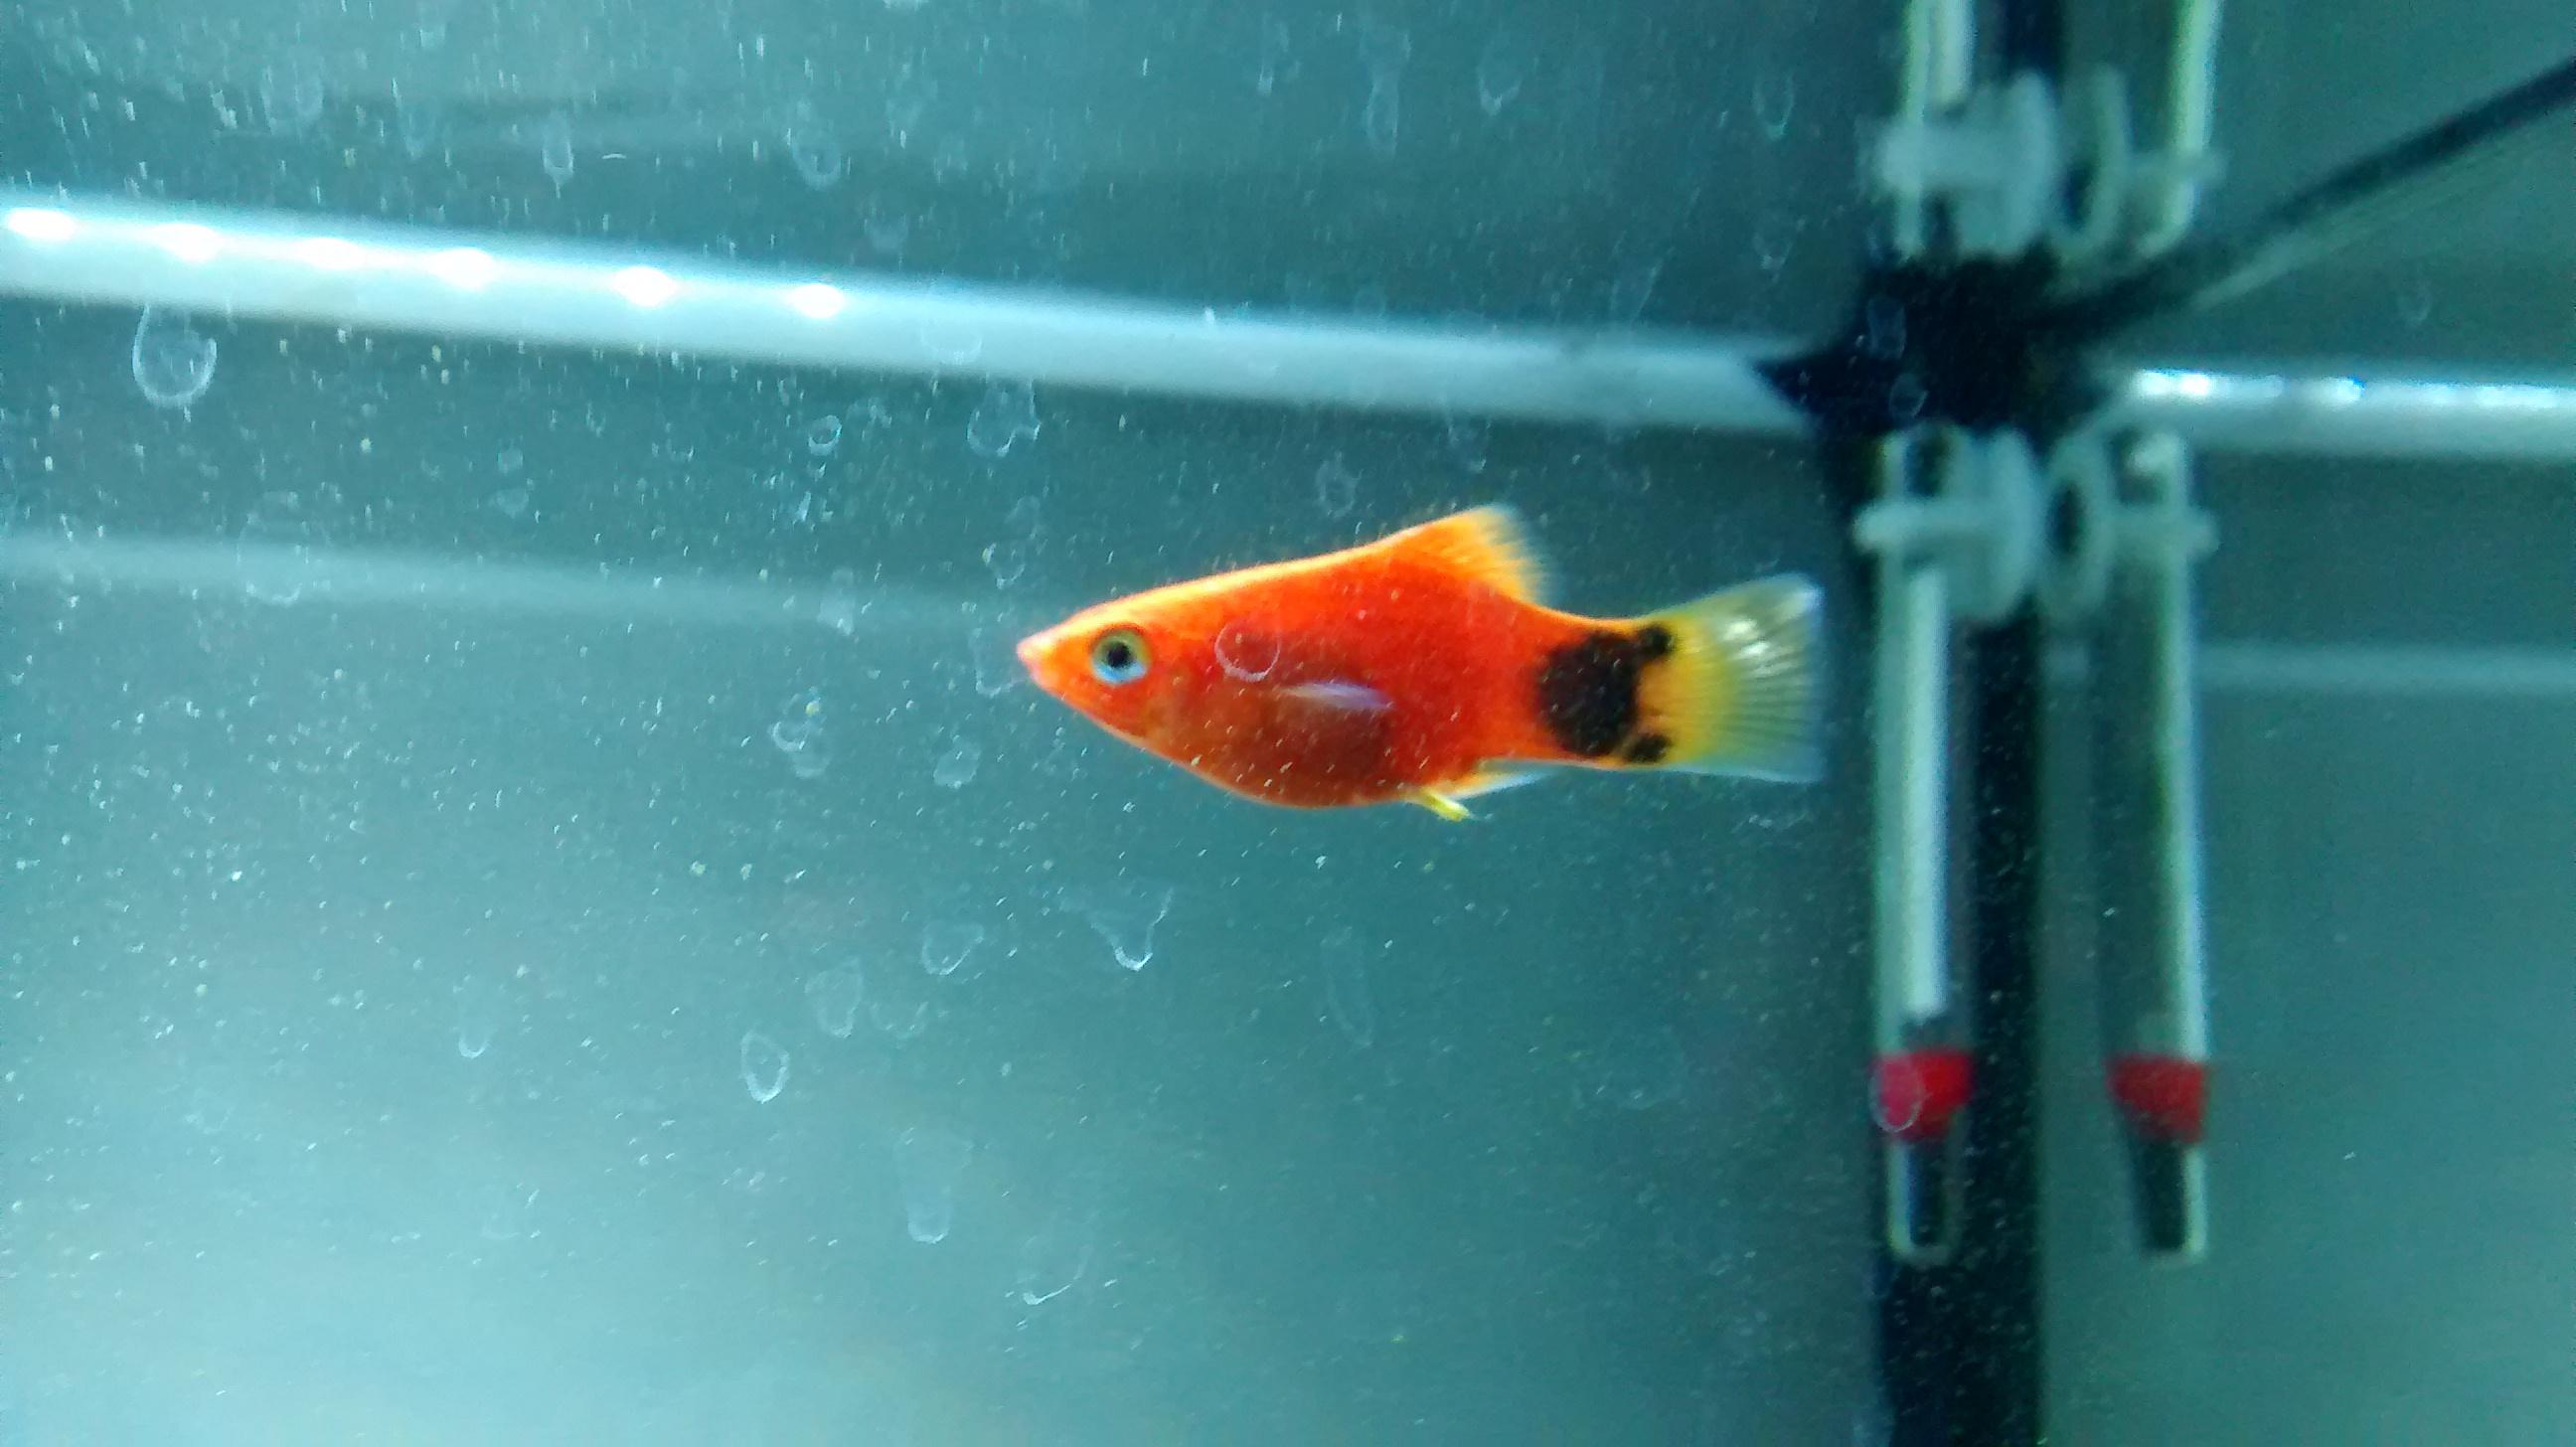 welches geschlecht hat dieser fisch platy fische aquarium aquariumfische. Black Bedroom Furniture Sets. Home Design Ideas